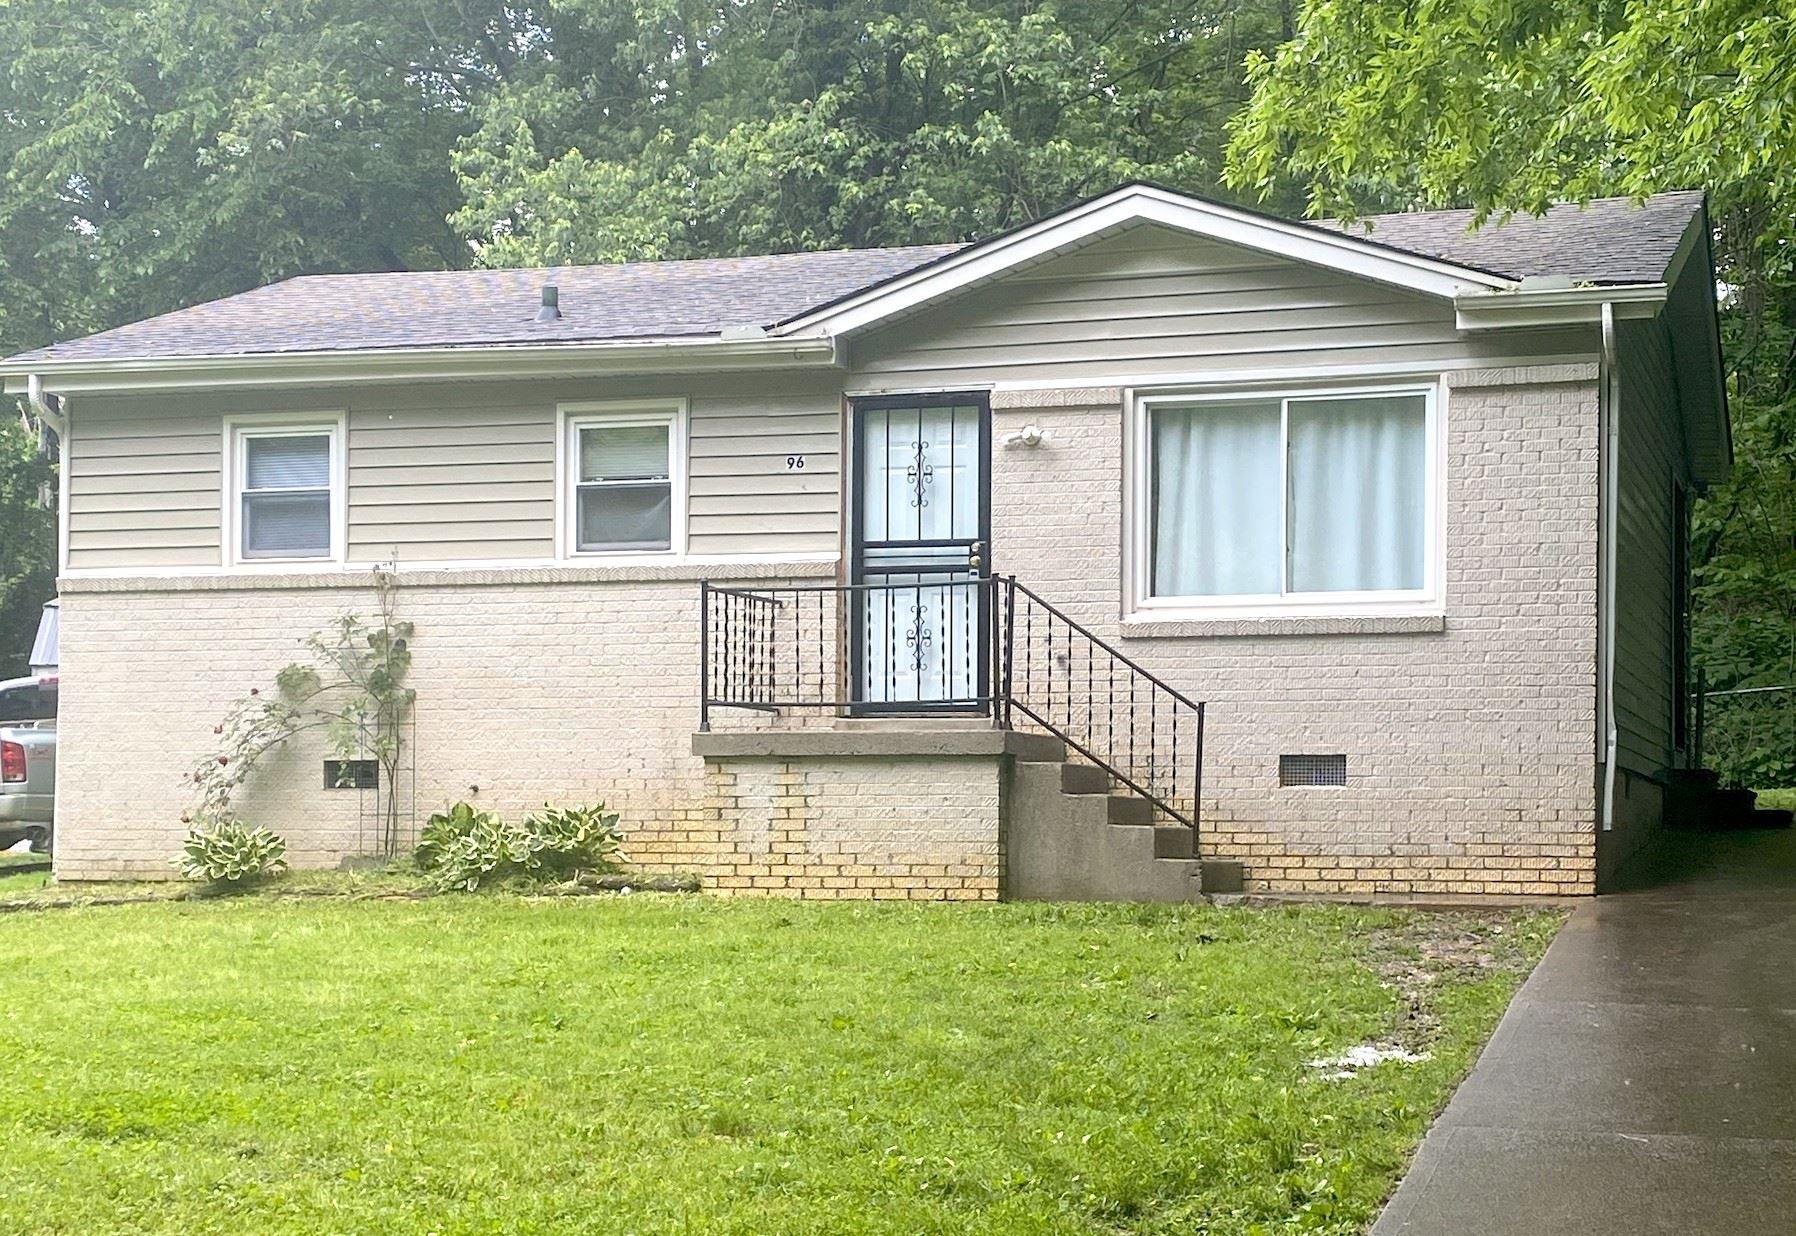 96 Chapel St, Clarksville, TN 37042 - MLS#: 2250115